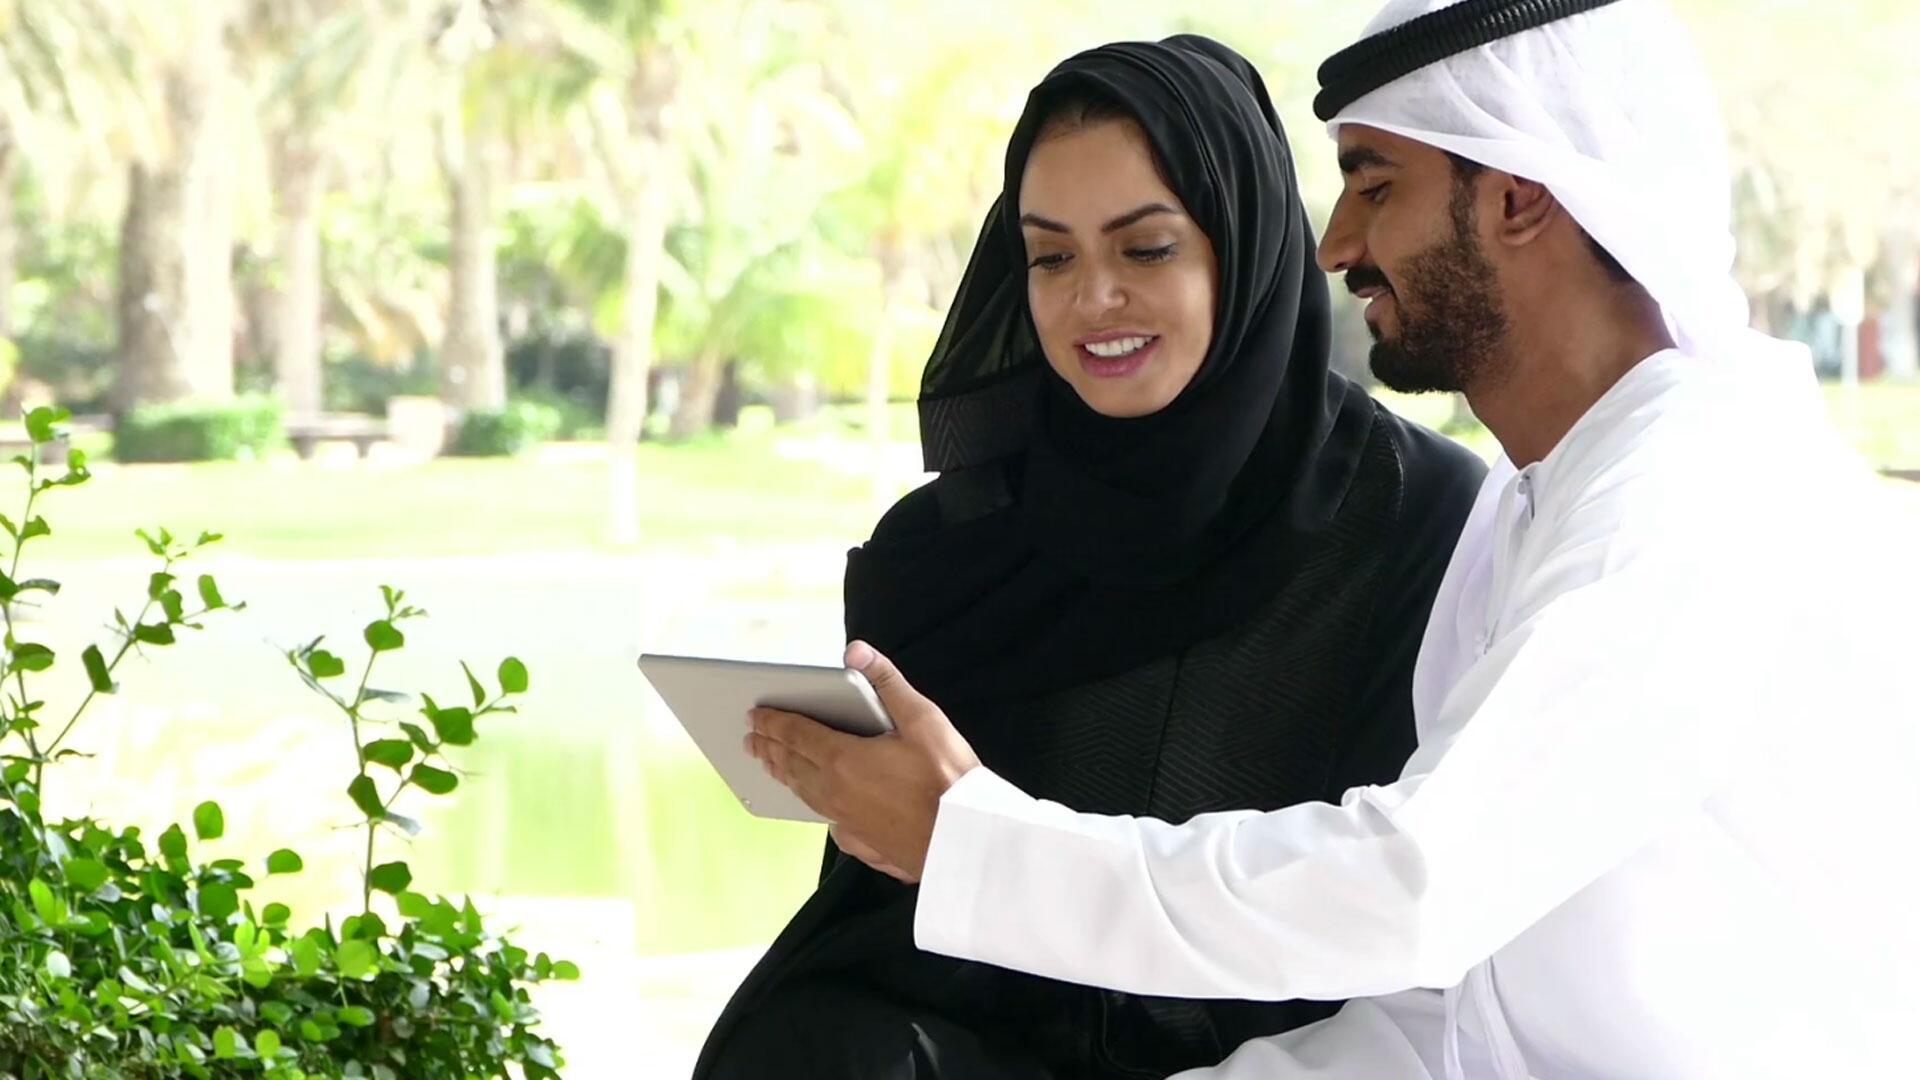 Bild zu Saudi-Arabien, Frauen, Ehefrauen, Männer, Ehemänner, Auslandsreisen, Erlaubnis